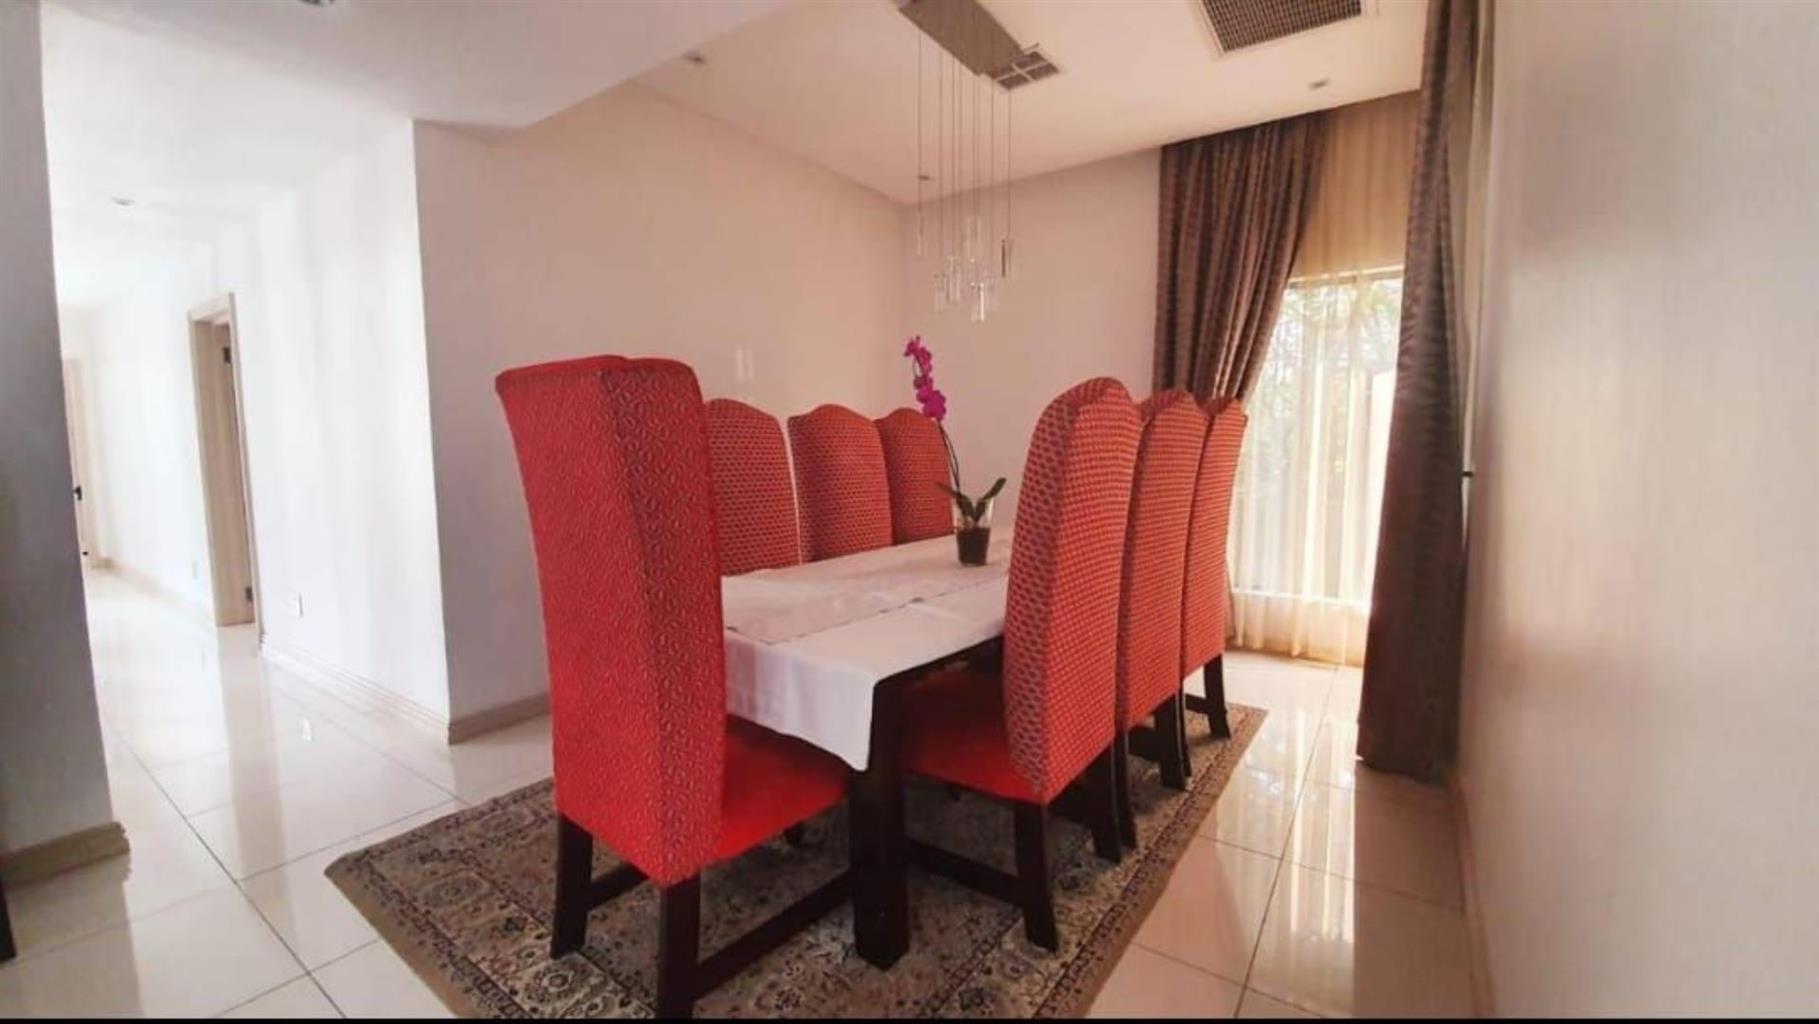 House Rental Monthly in MEER EN SEE